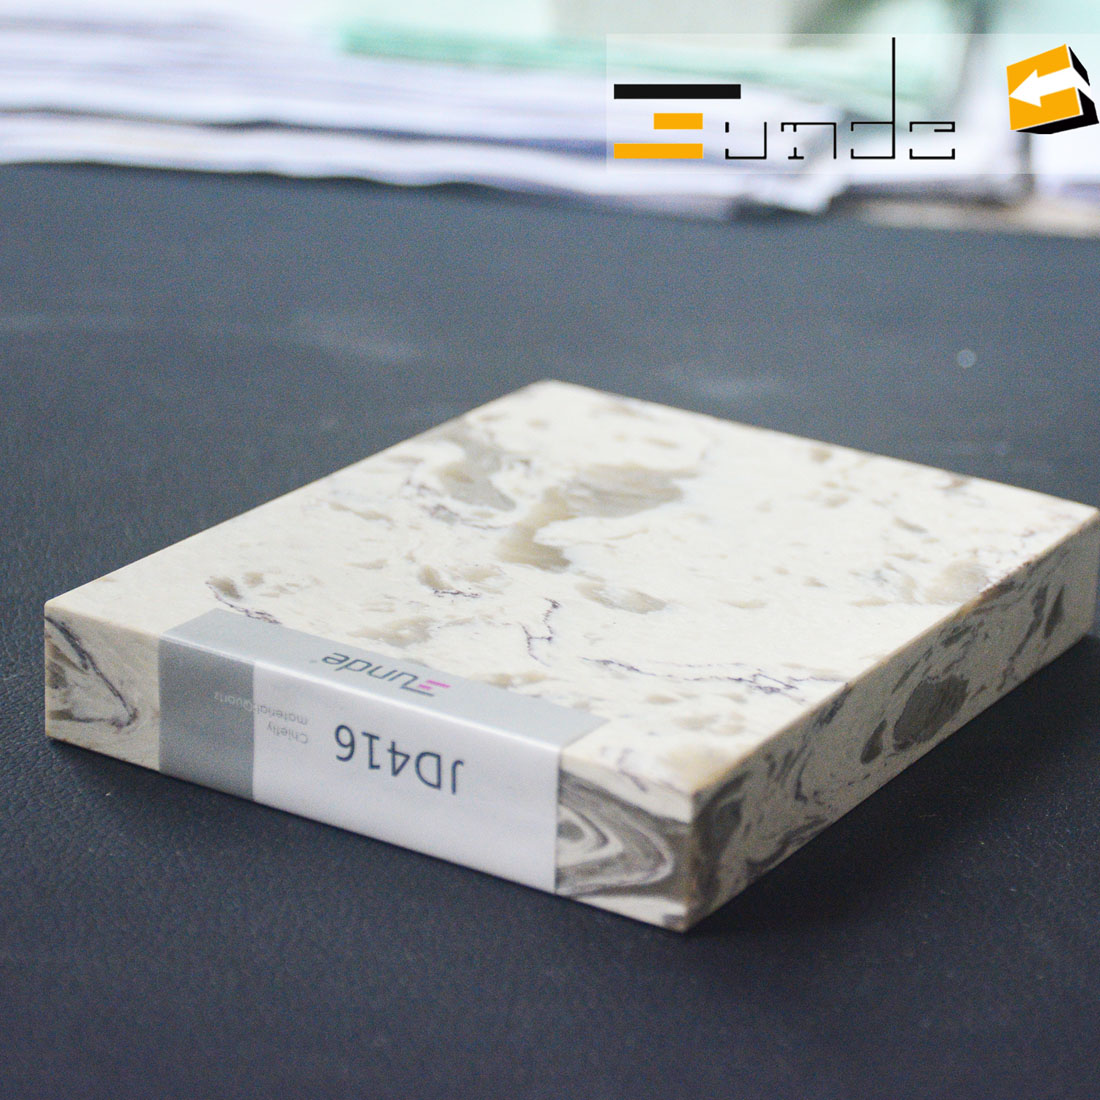 calacatta white quartz stone sample jd416-1